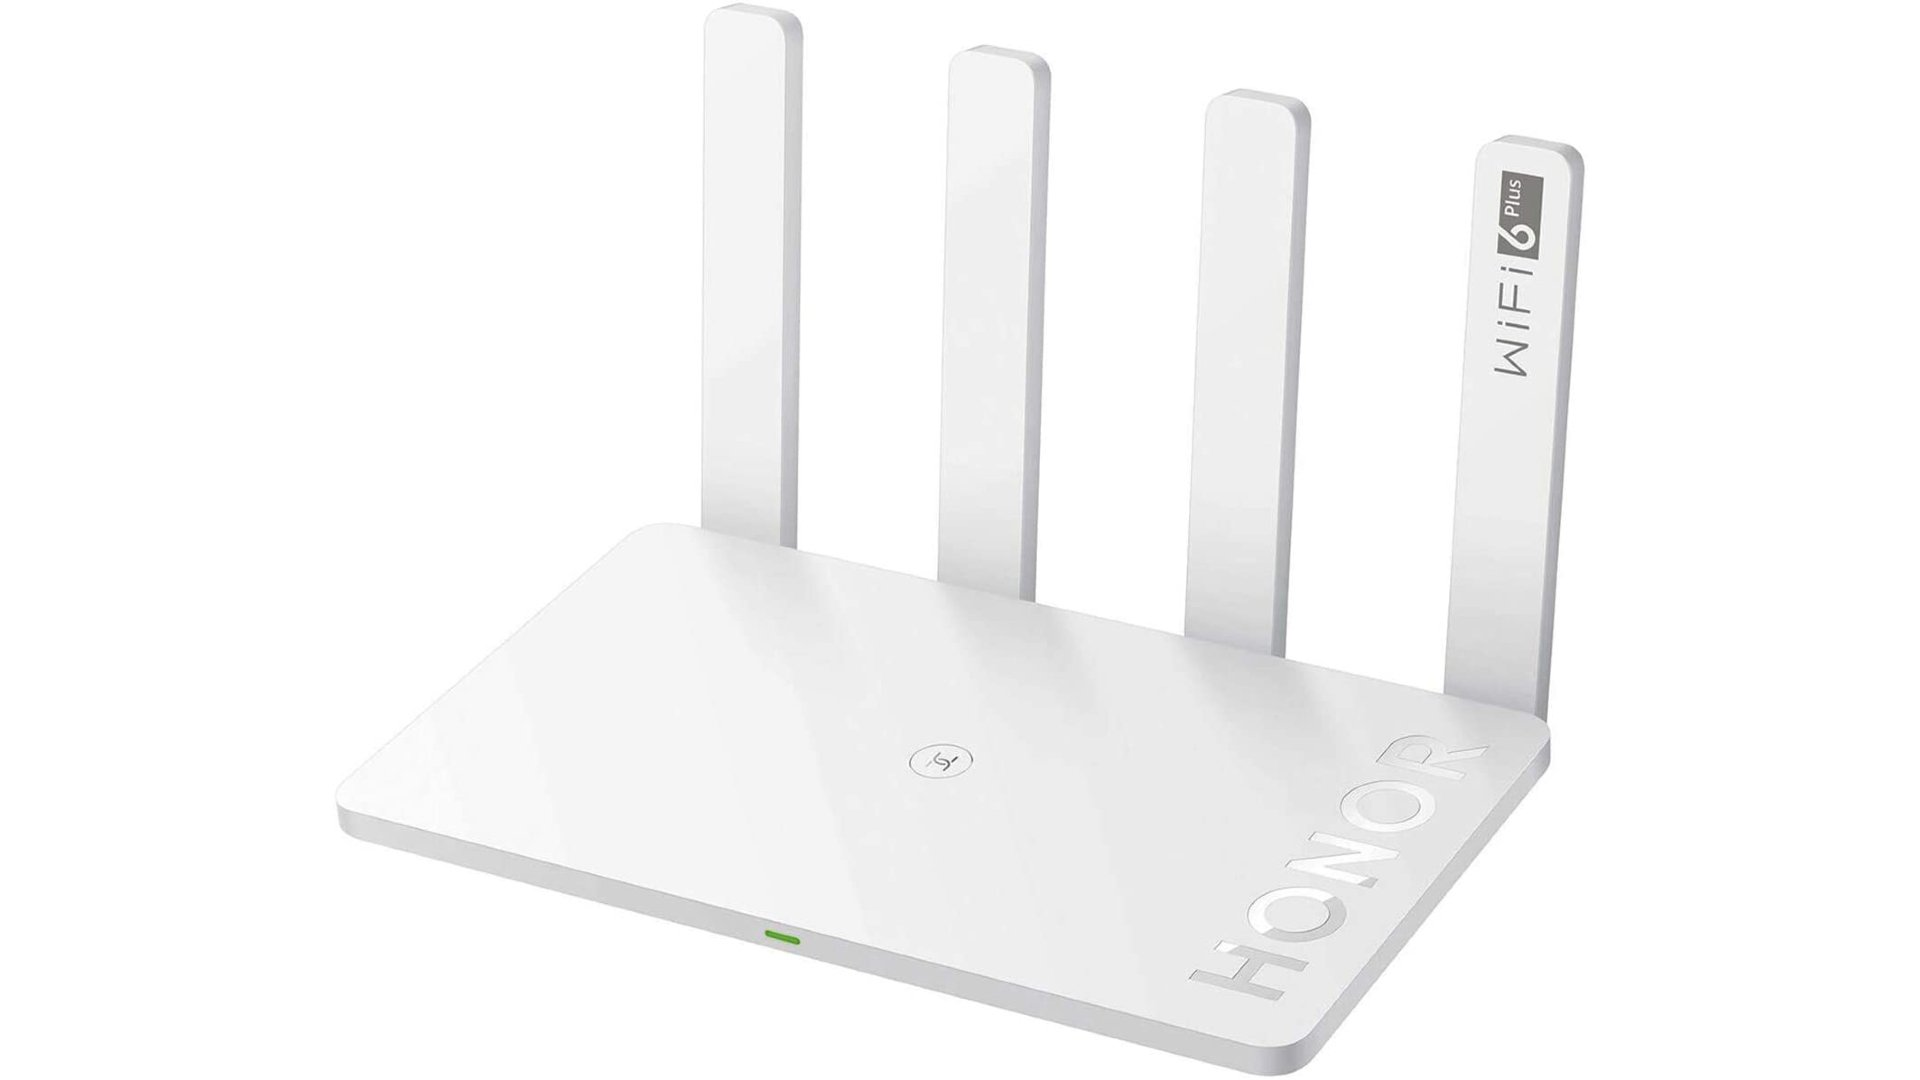 Le routeur 3 d'Honor avec Wi-Fi 6 n'est à qu'à 29 euros